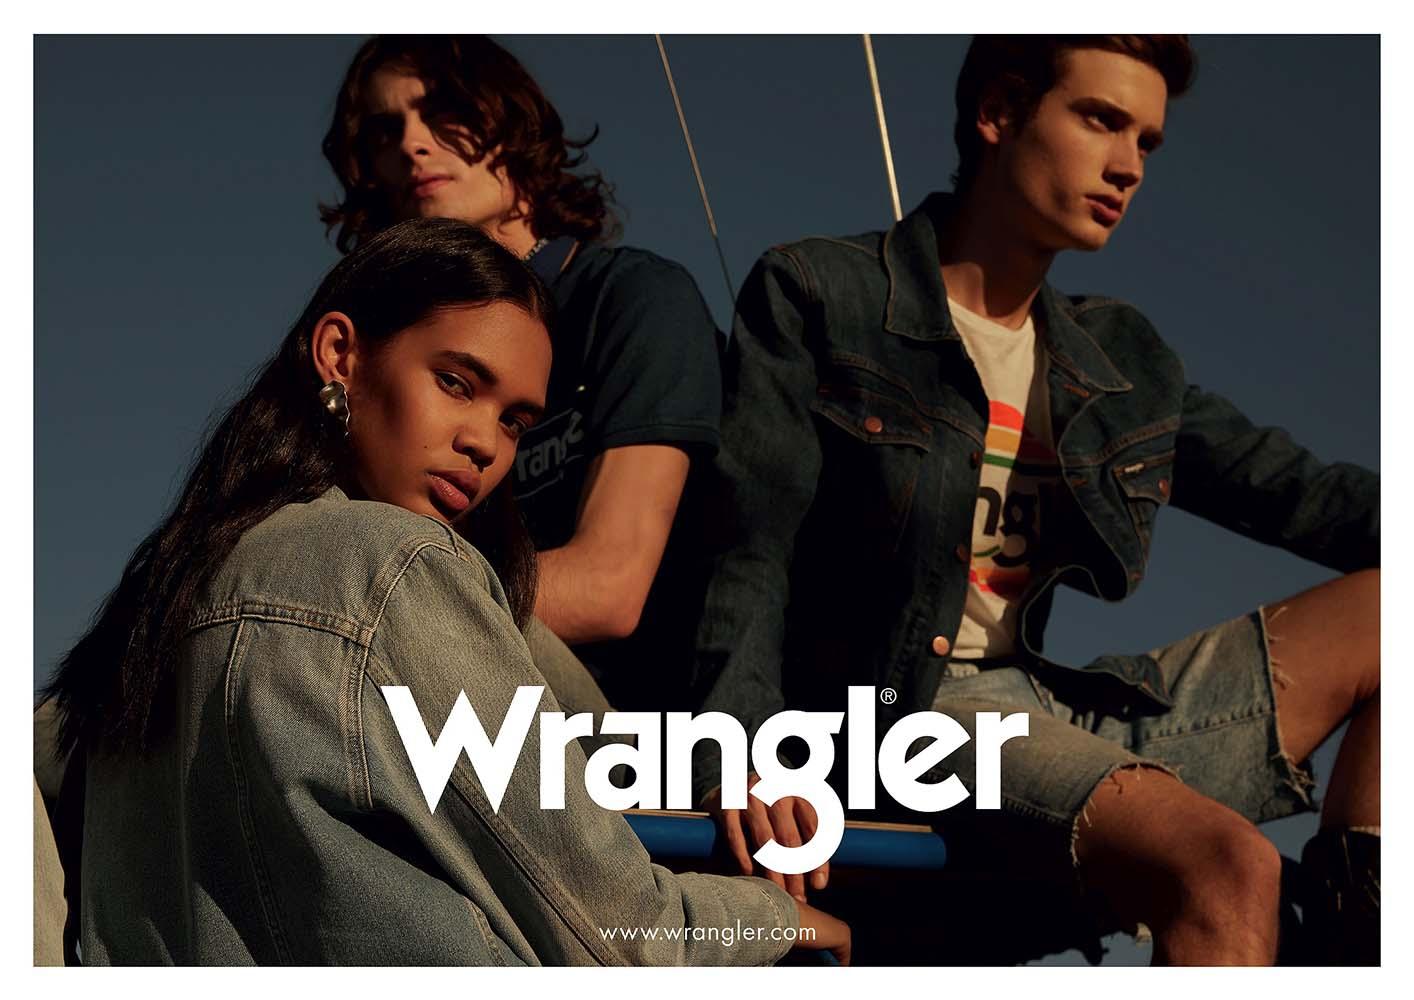 Wrangler by Uber & Kosher